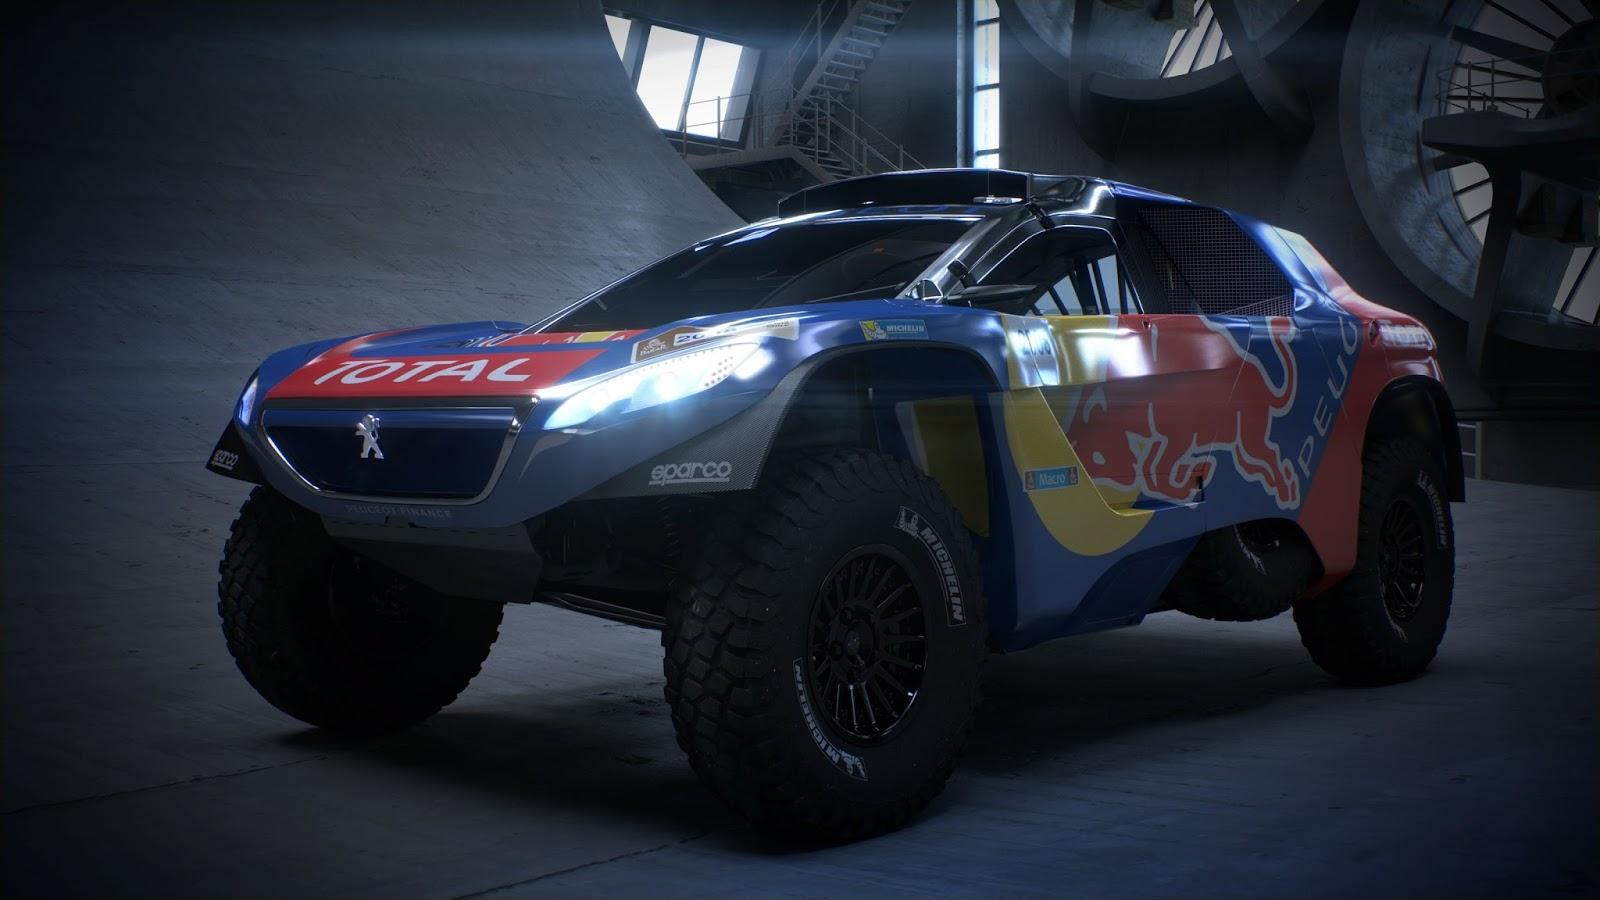 P 20151202 00384 News Το PEUGEOT 2008DKR στα χρώματα του πολέμου! Peugeot, Peugeot 2008 DKR, Peugeot 2008 DKR16, Rally Dakar